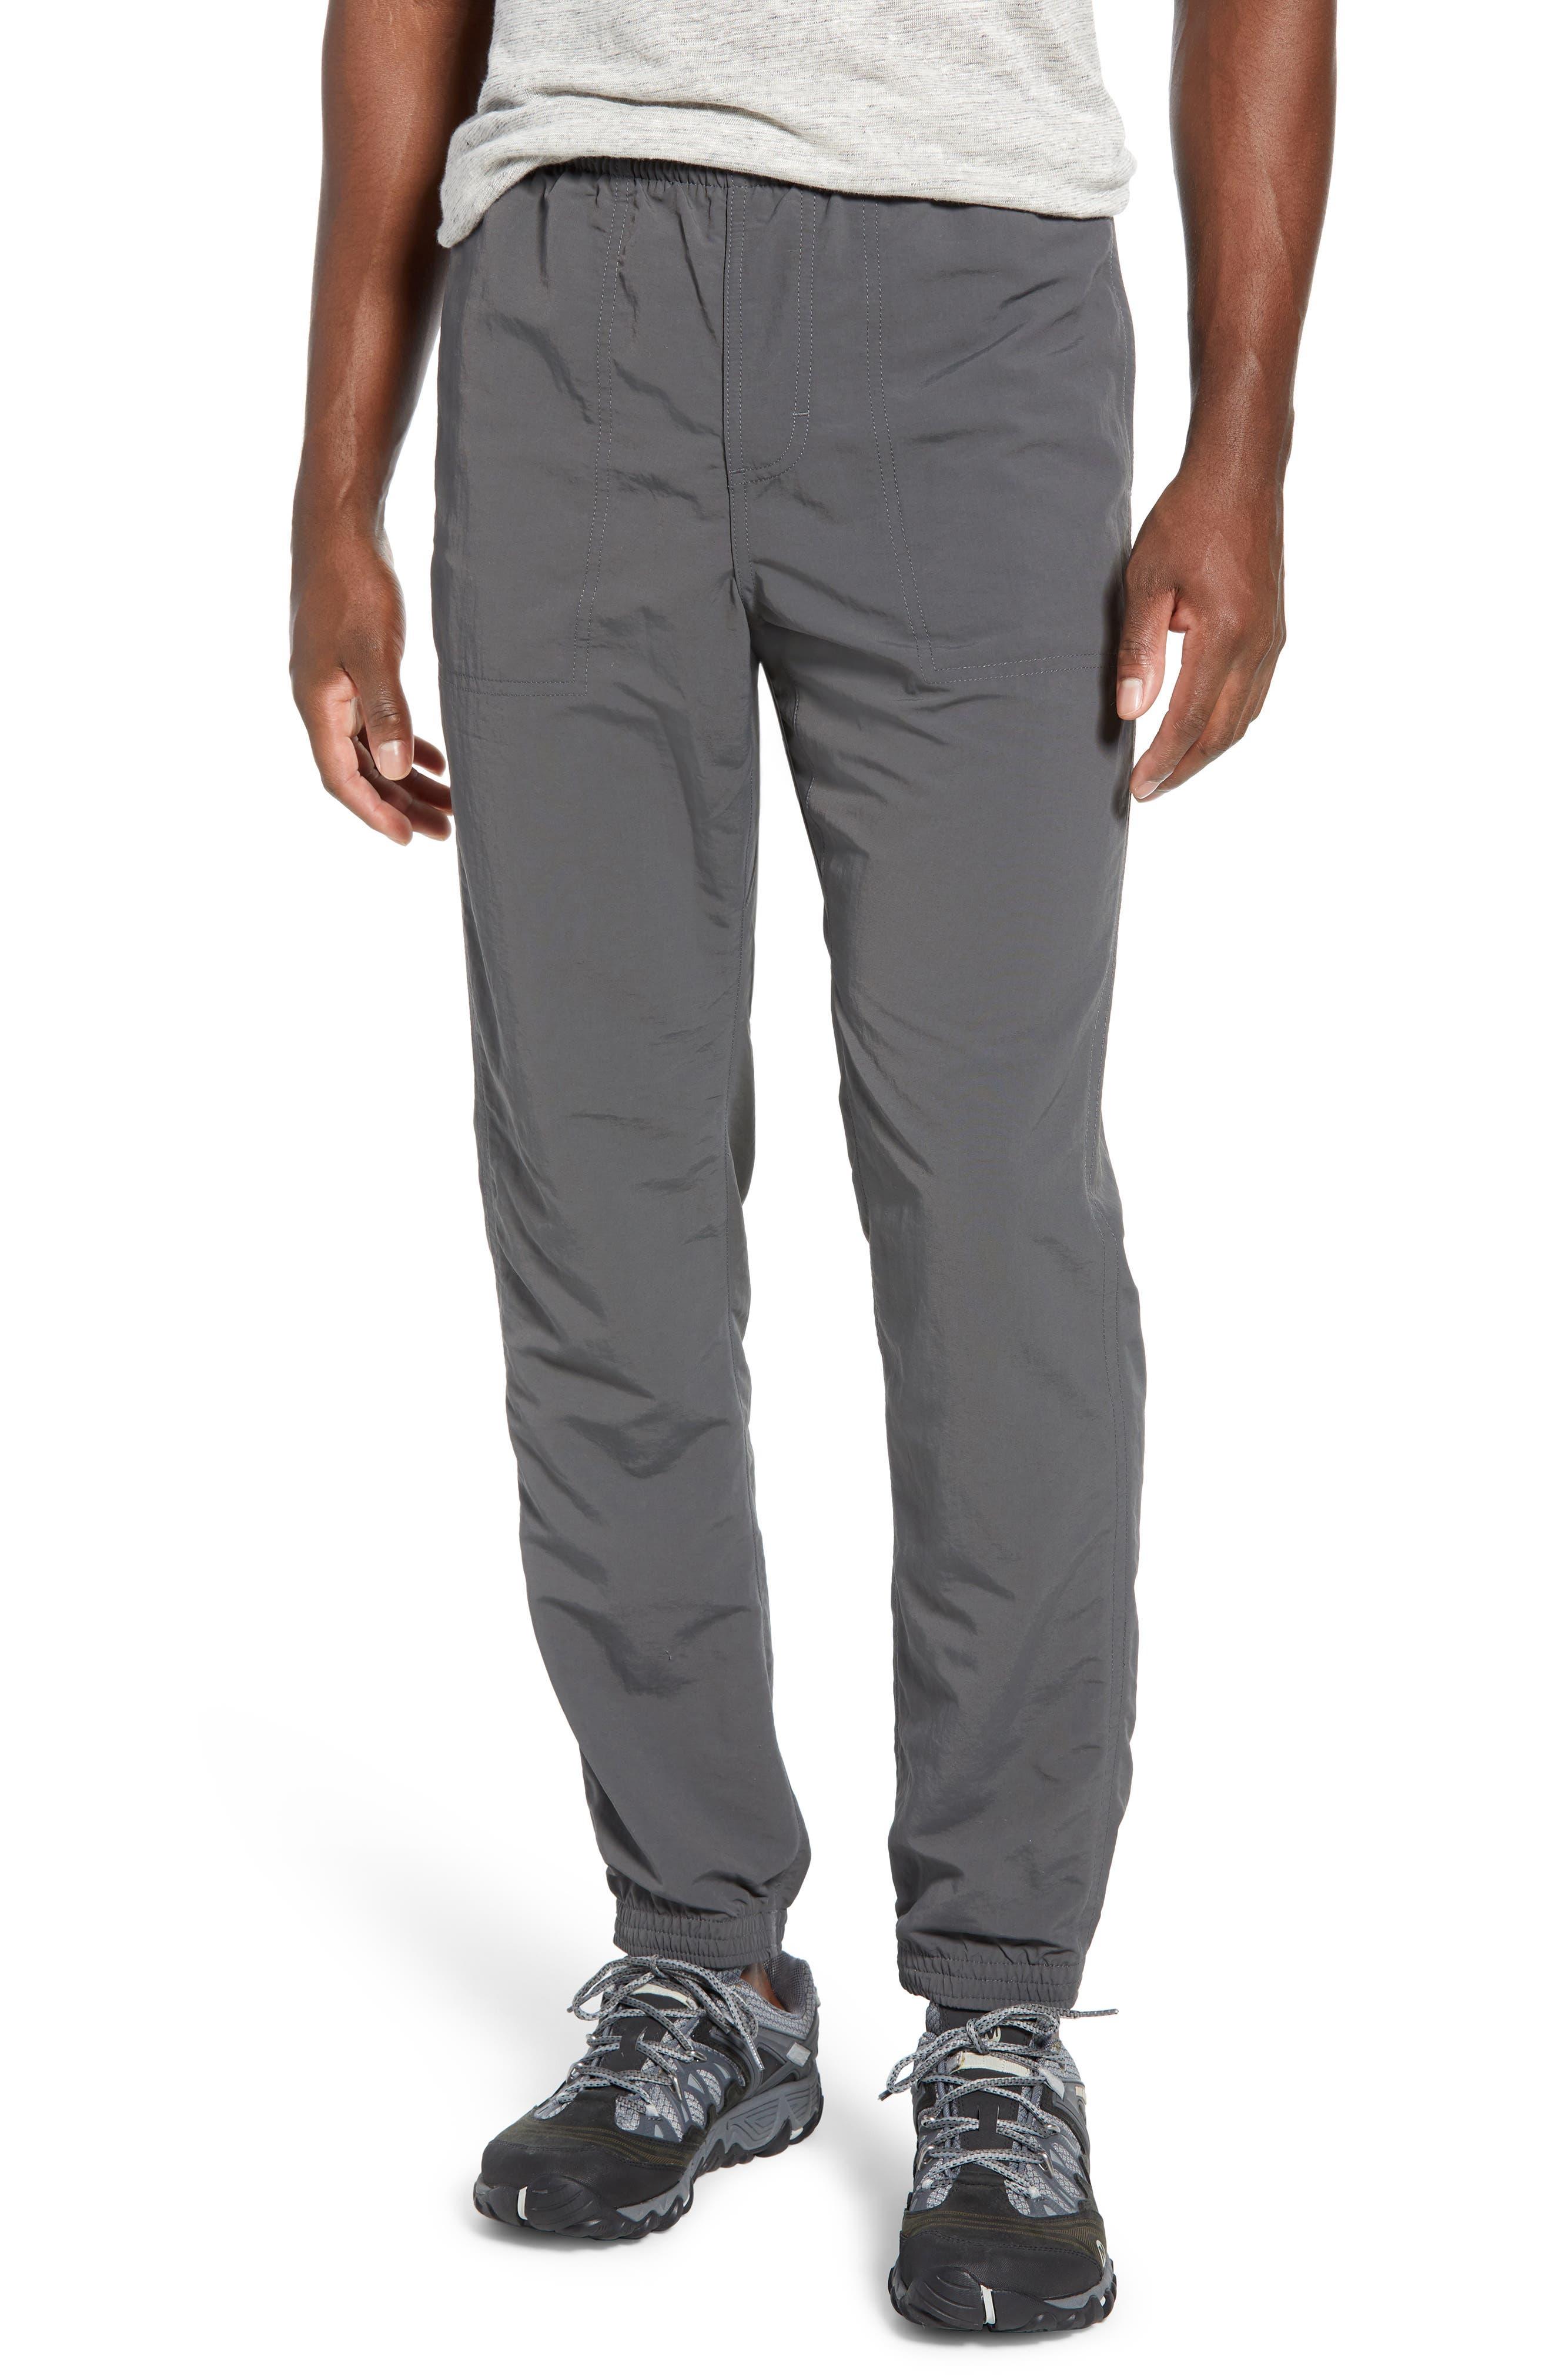 Patagonia Baggies(TM) Slim Fit Pants, Grey